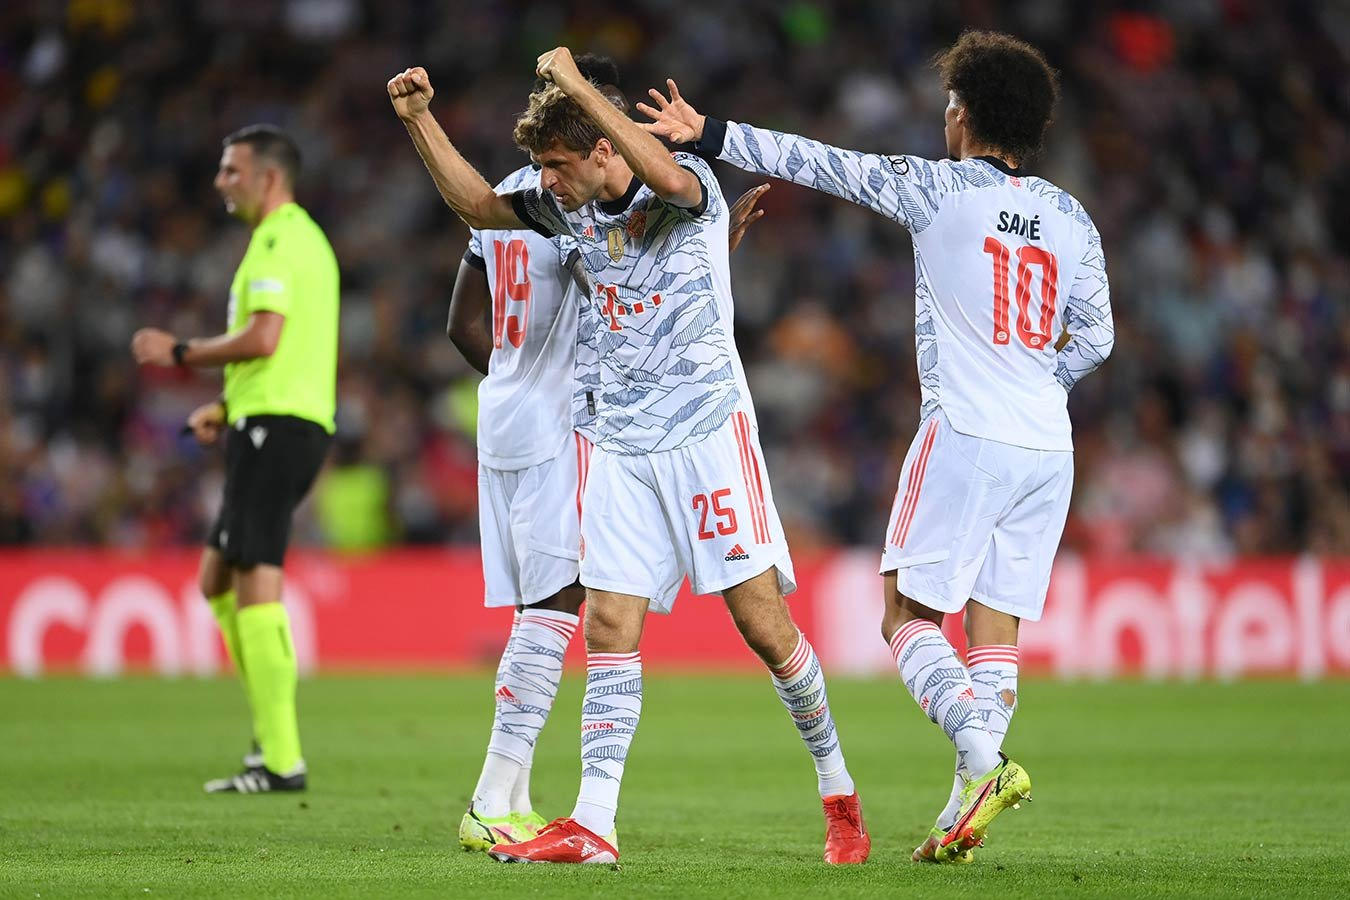 «Бавария» обыграла «Барселону» благодаря голам Мюллера и Левандовского